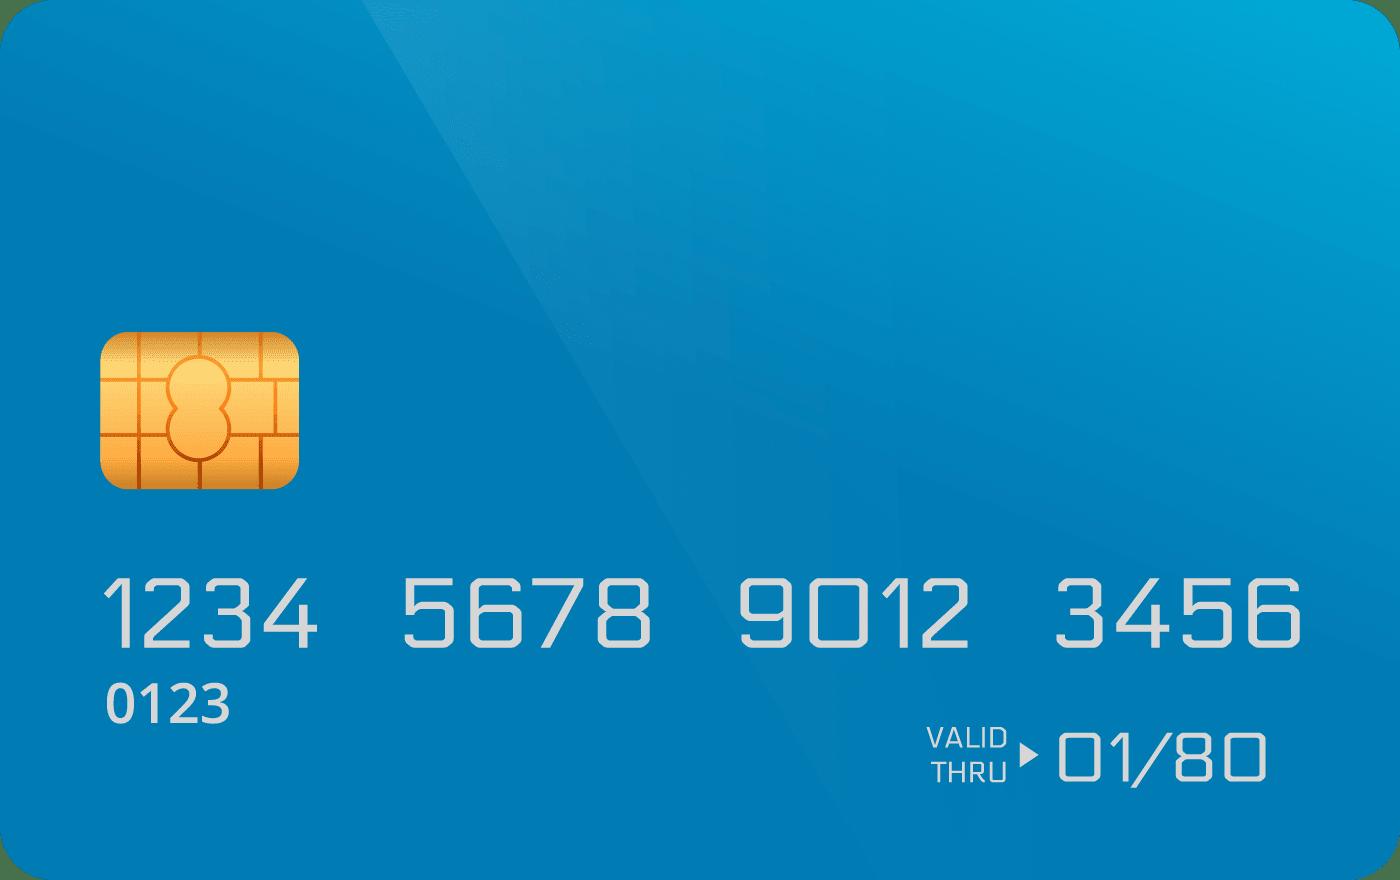 Alaska Credit Card Login >> Alaska Airlines Visa Signature Credit Card Excellent